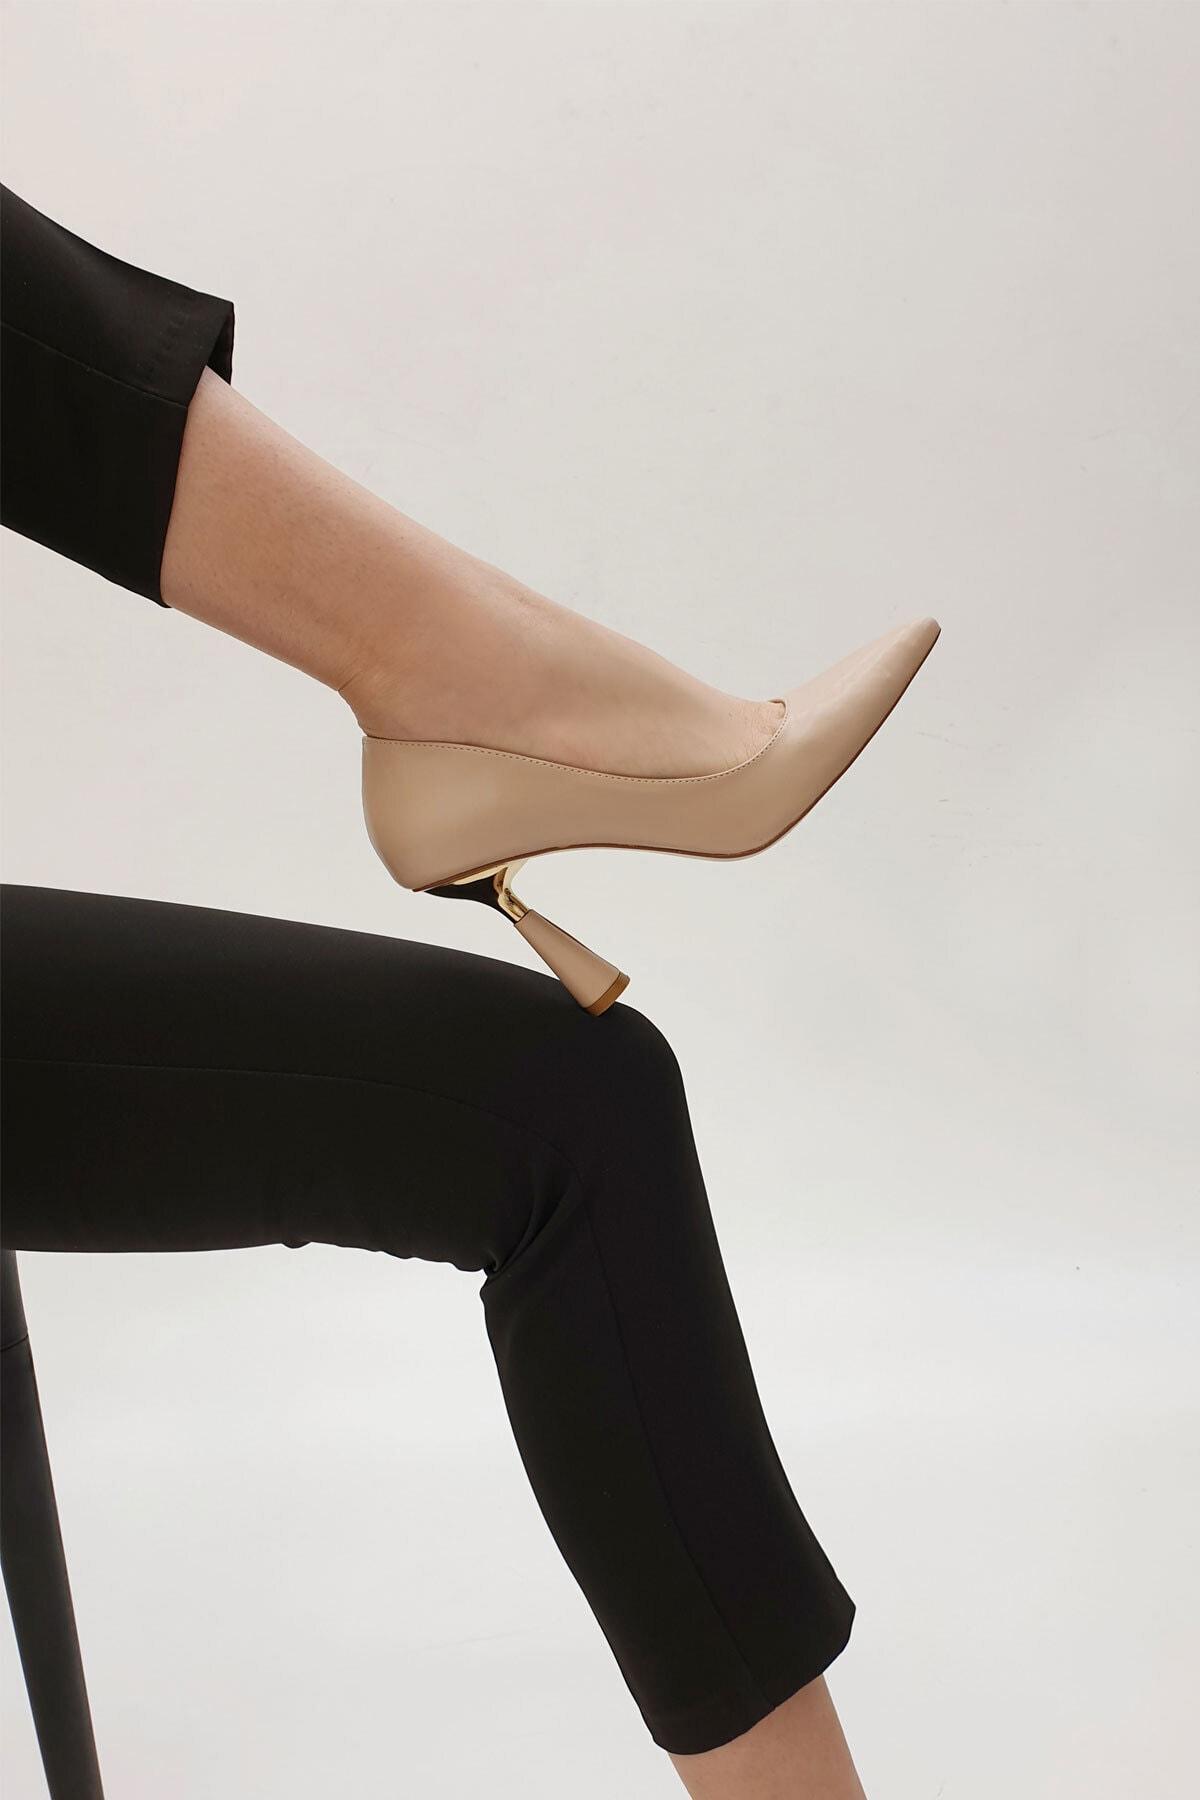 Marjin Kadın Estor Topuklu Ayakkabıbej 1